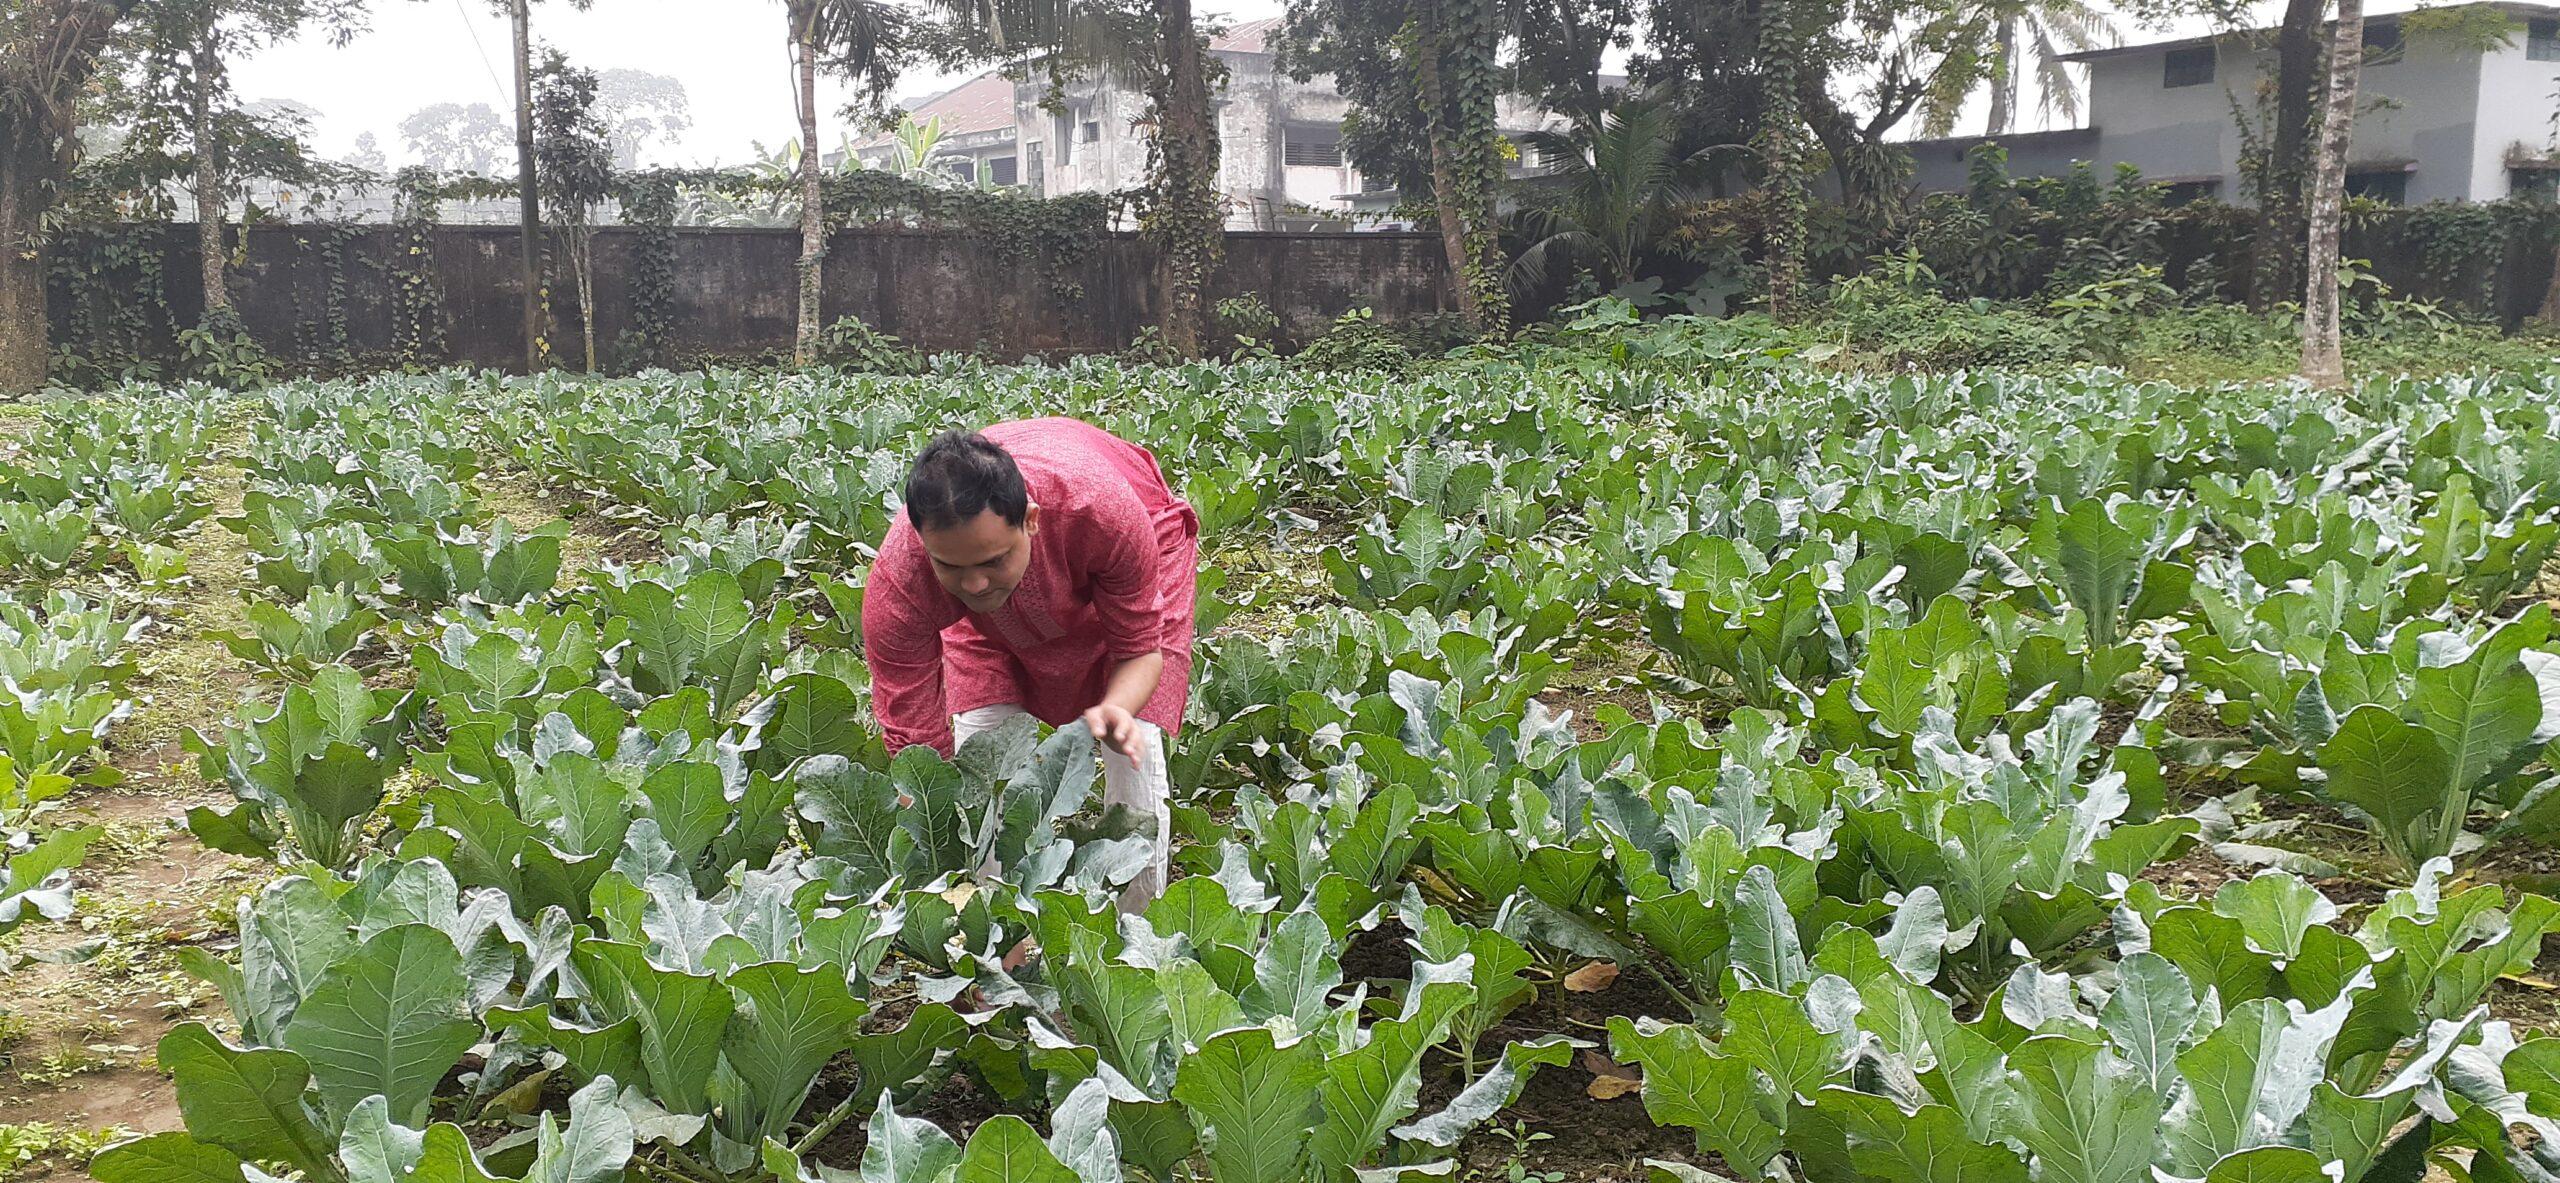 নাঙ্গলকোট থানায় বিষমুক্ত সবজী চাষ